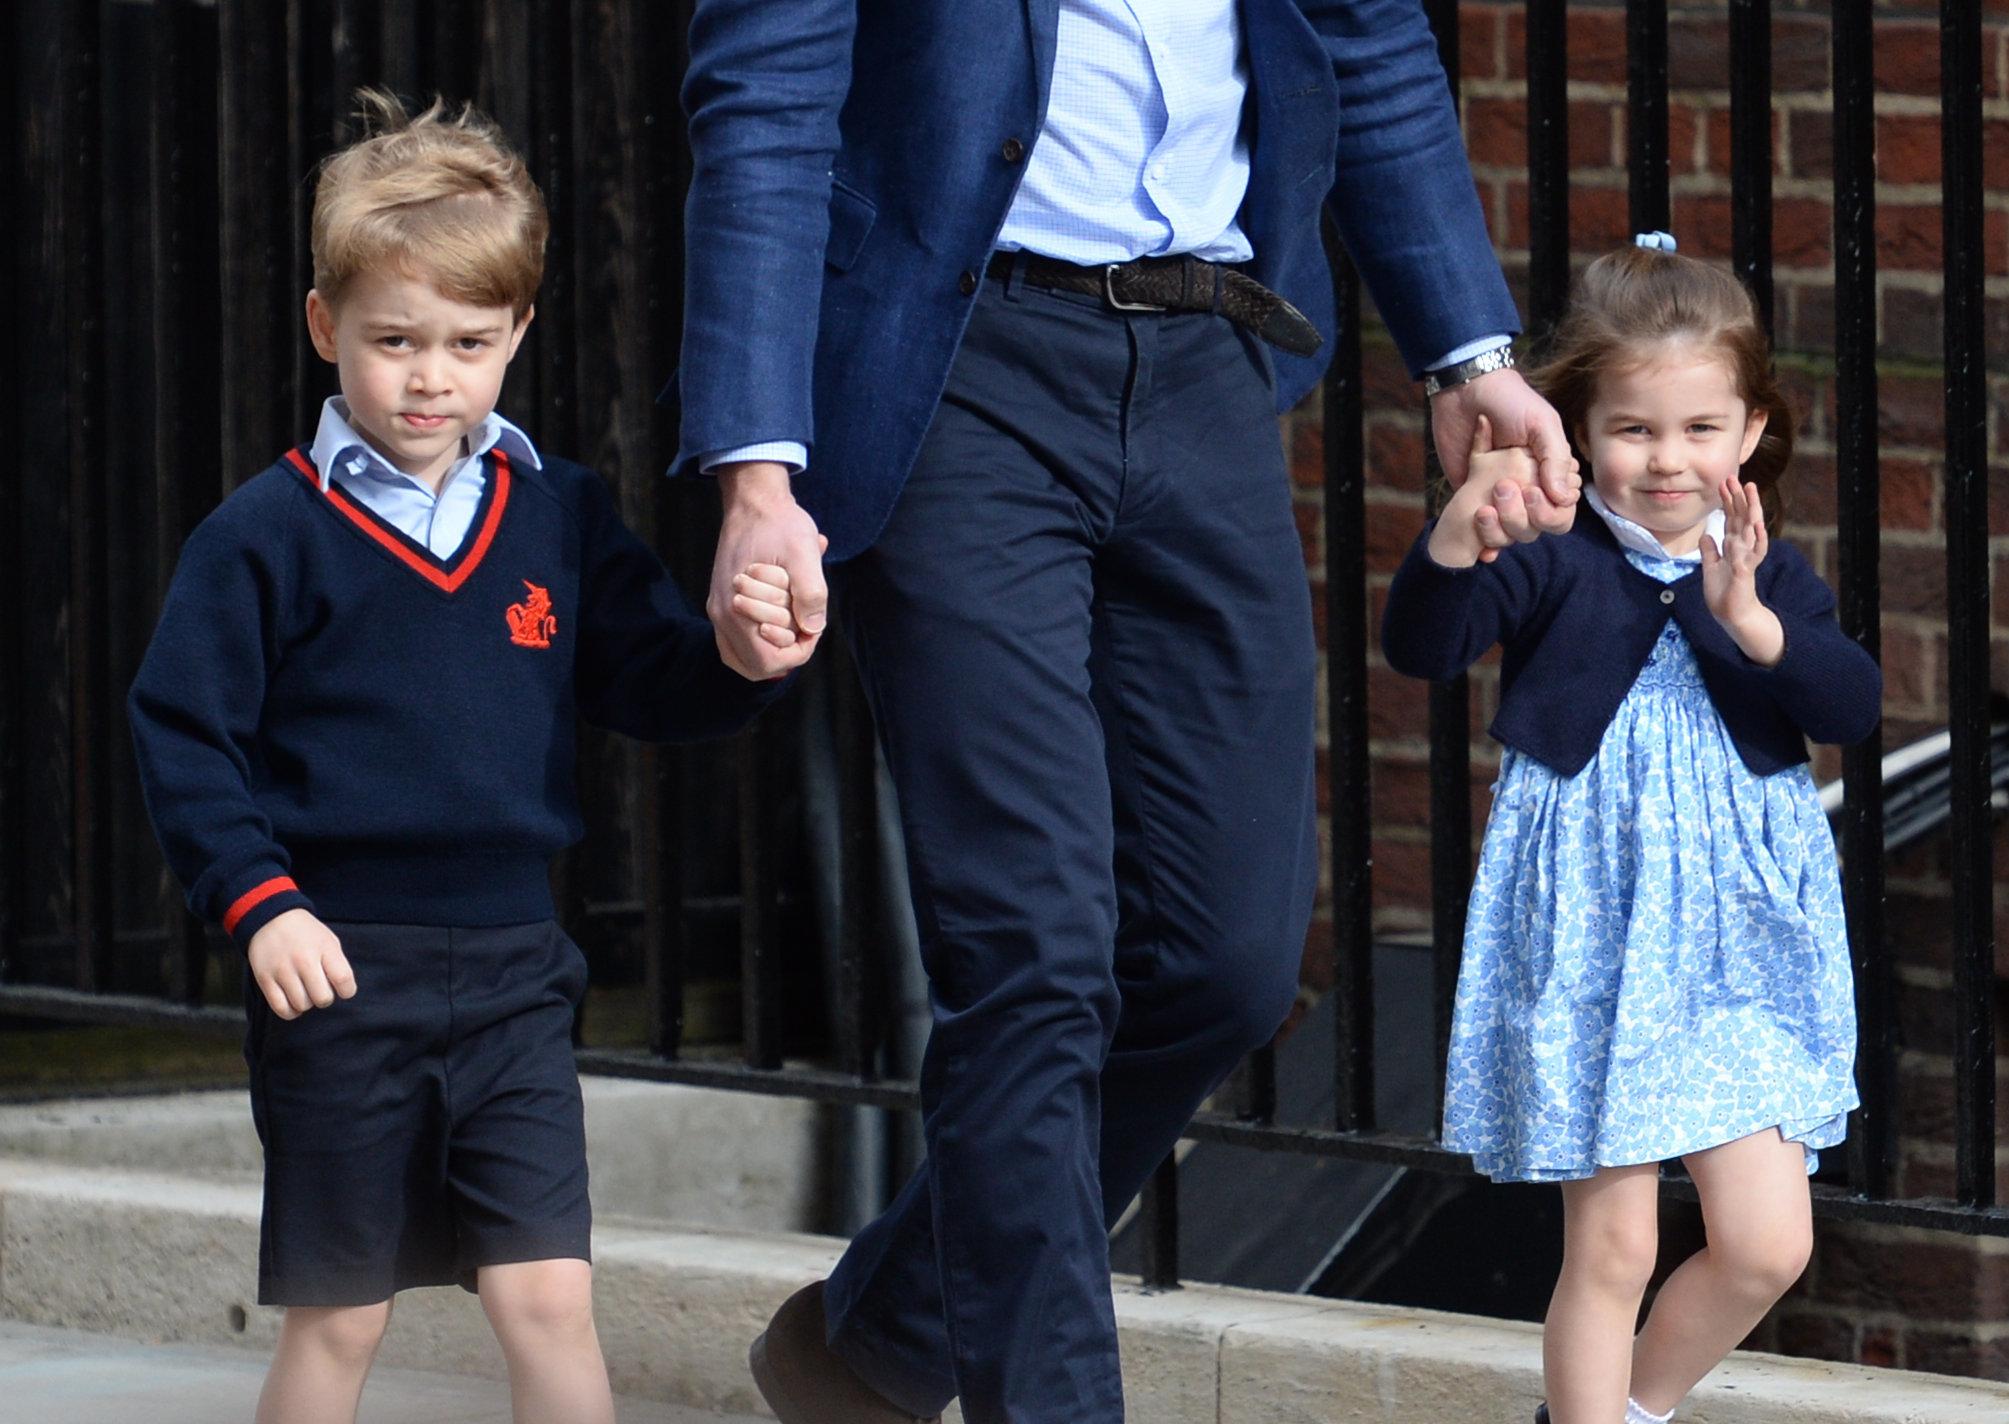 Deshalb dürfen Prinz George und Prinzessin Charlotte nicht gemeinsam am Tisch mit ihren Eltern essen